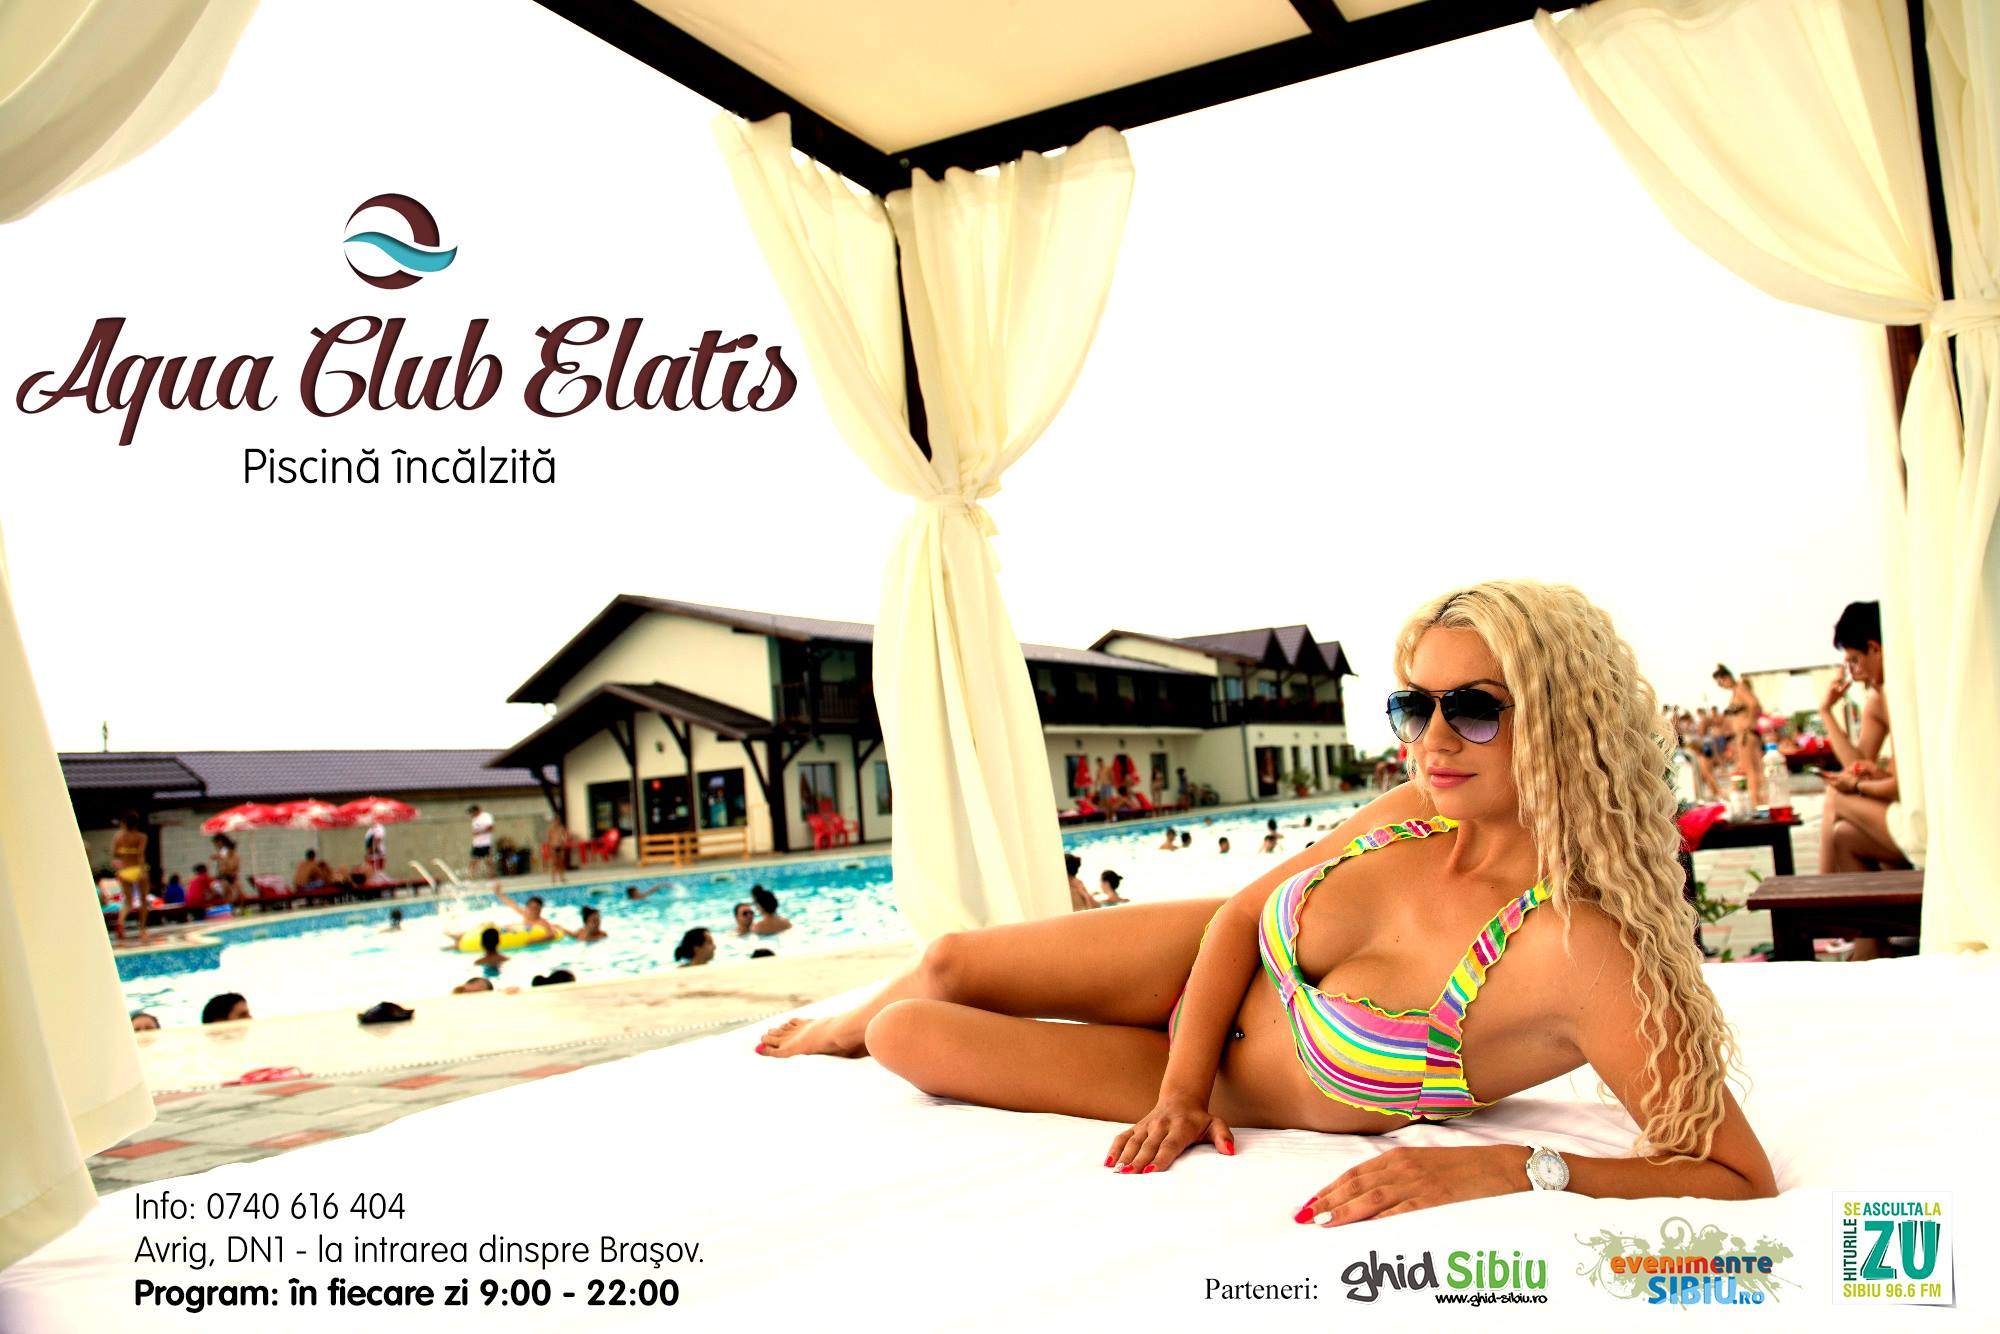 S-a deschis Aqua Club Elatis